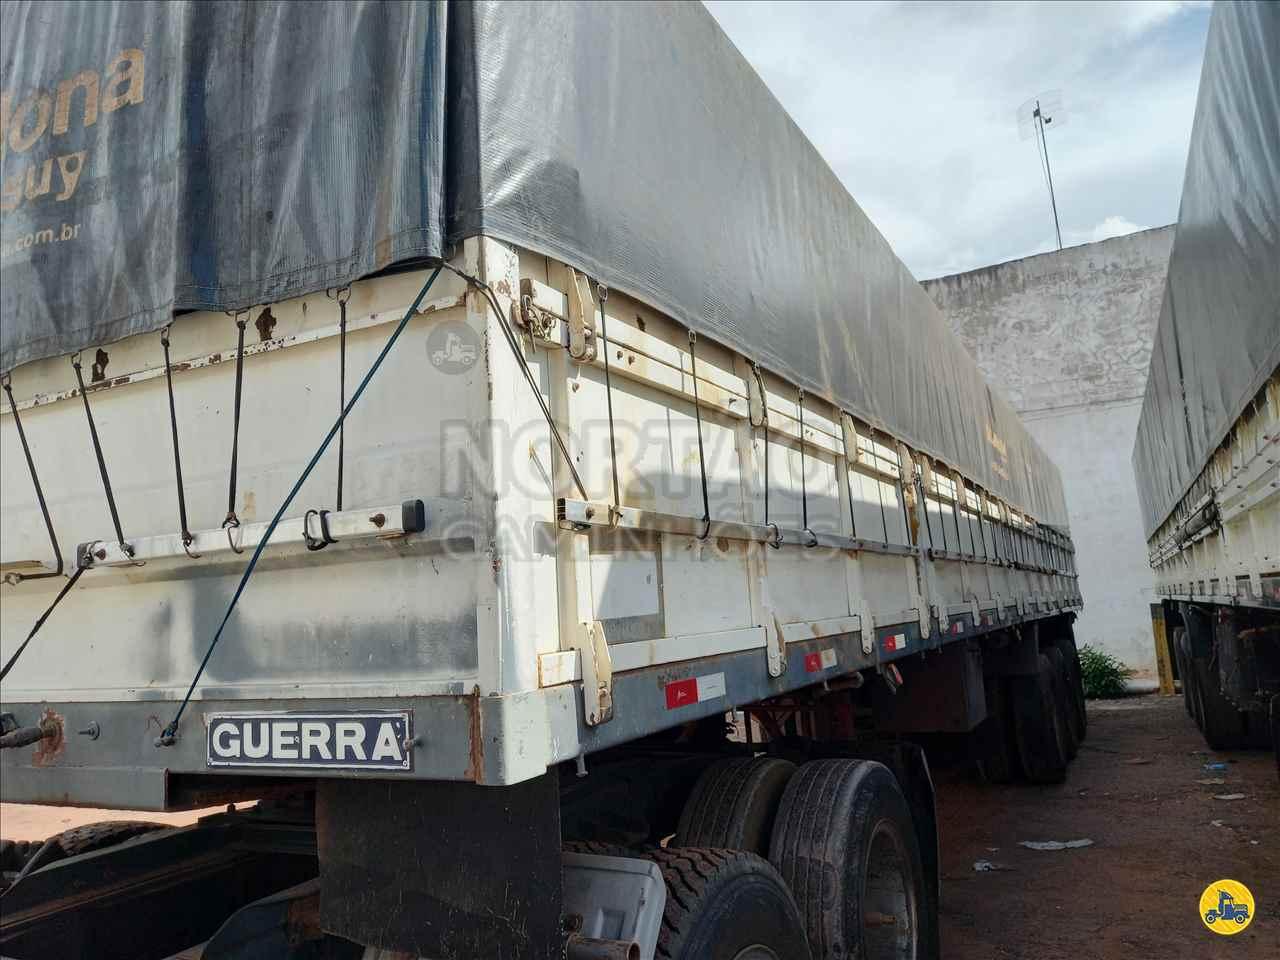 GRANELEIRO de Nortão Caminhões - VARZEA GRANDE/MT